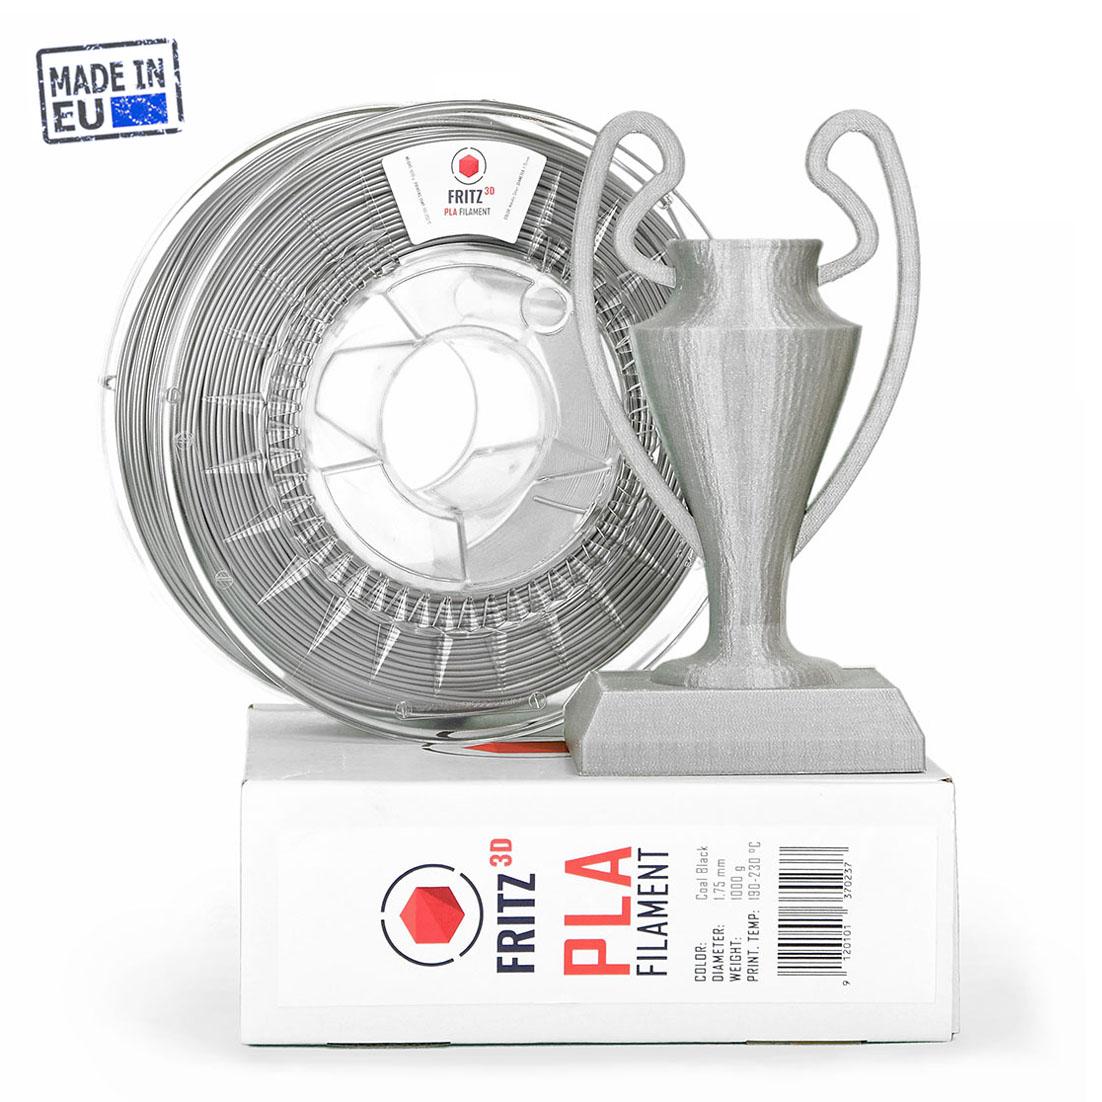 FRITZ-3D-3D-Drucker-Filament-Shop-Oesterreich kaufen